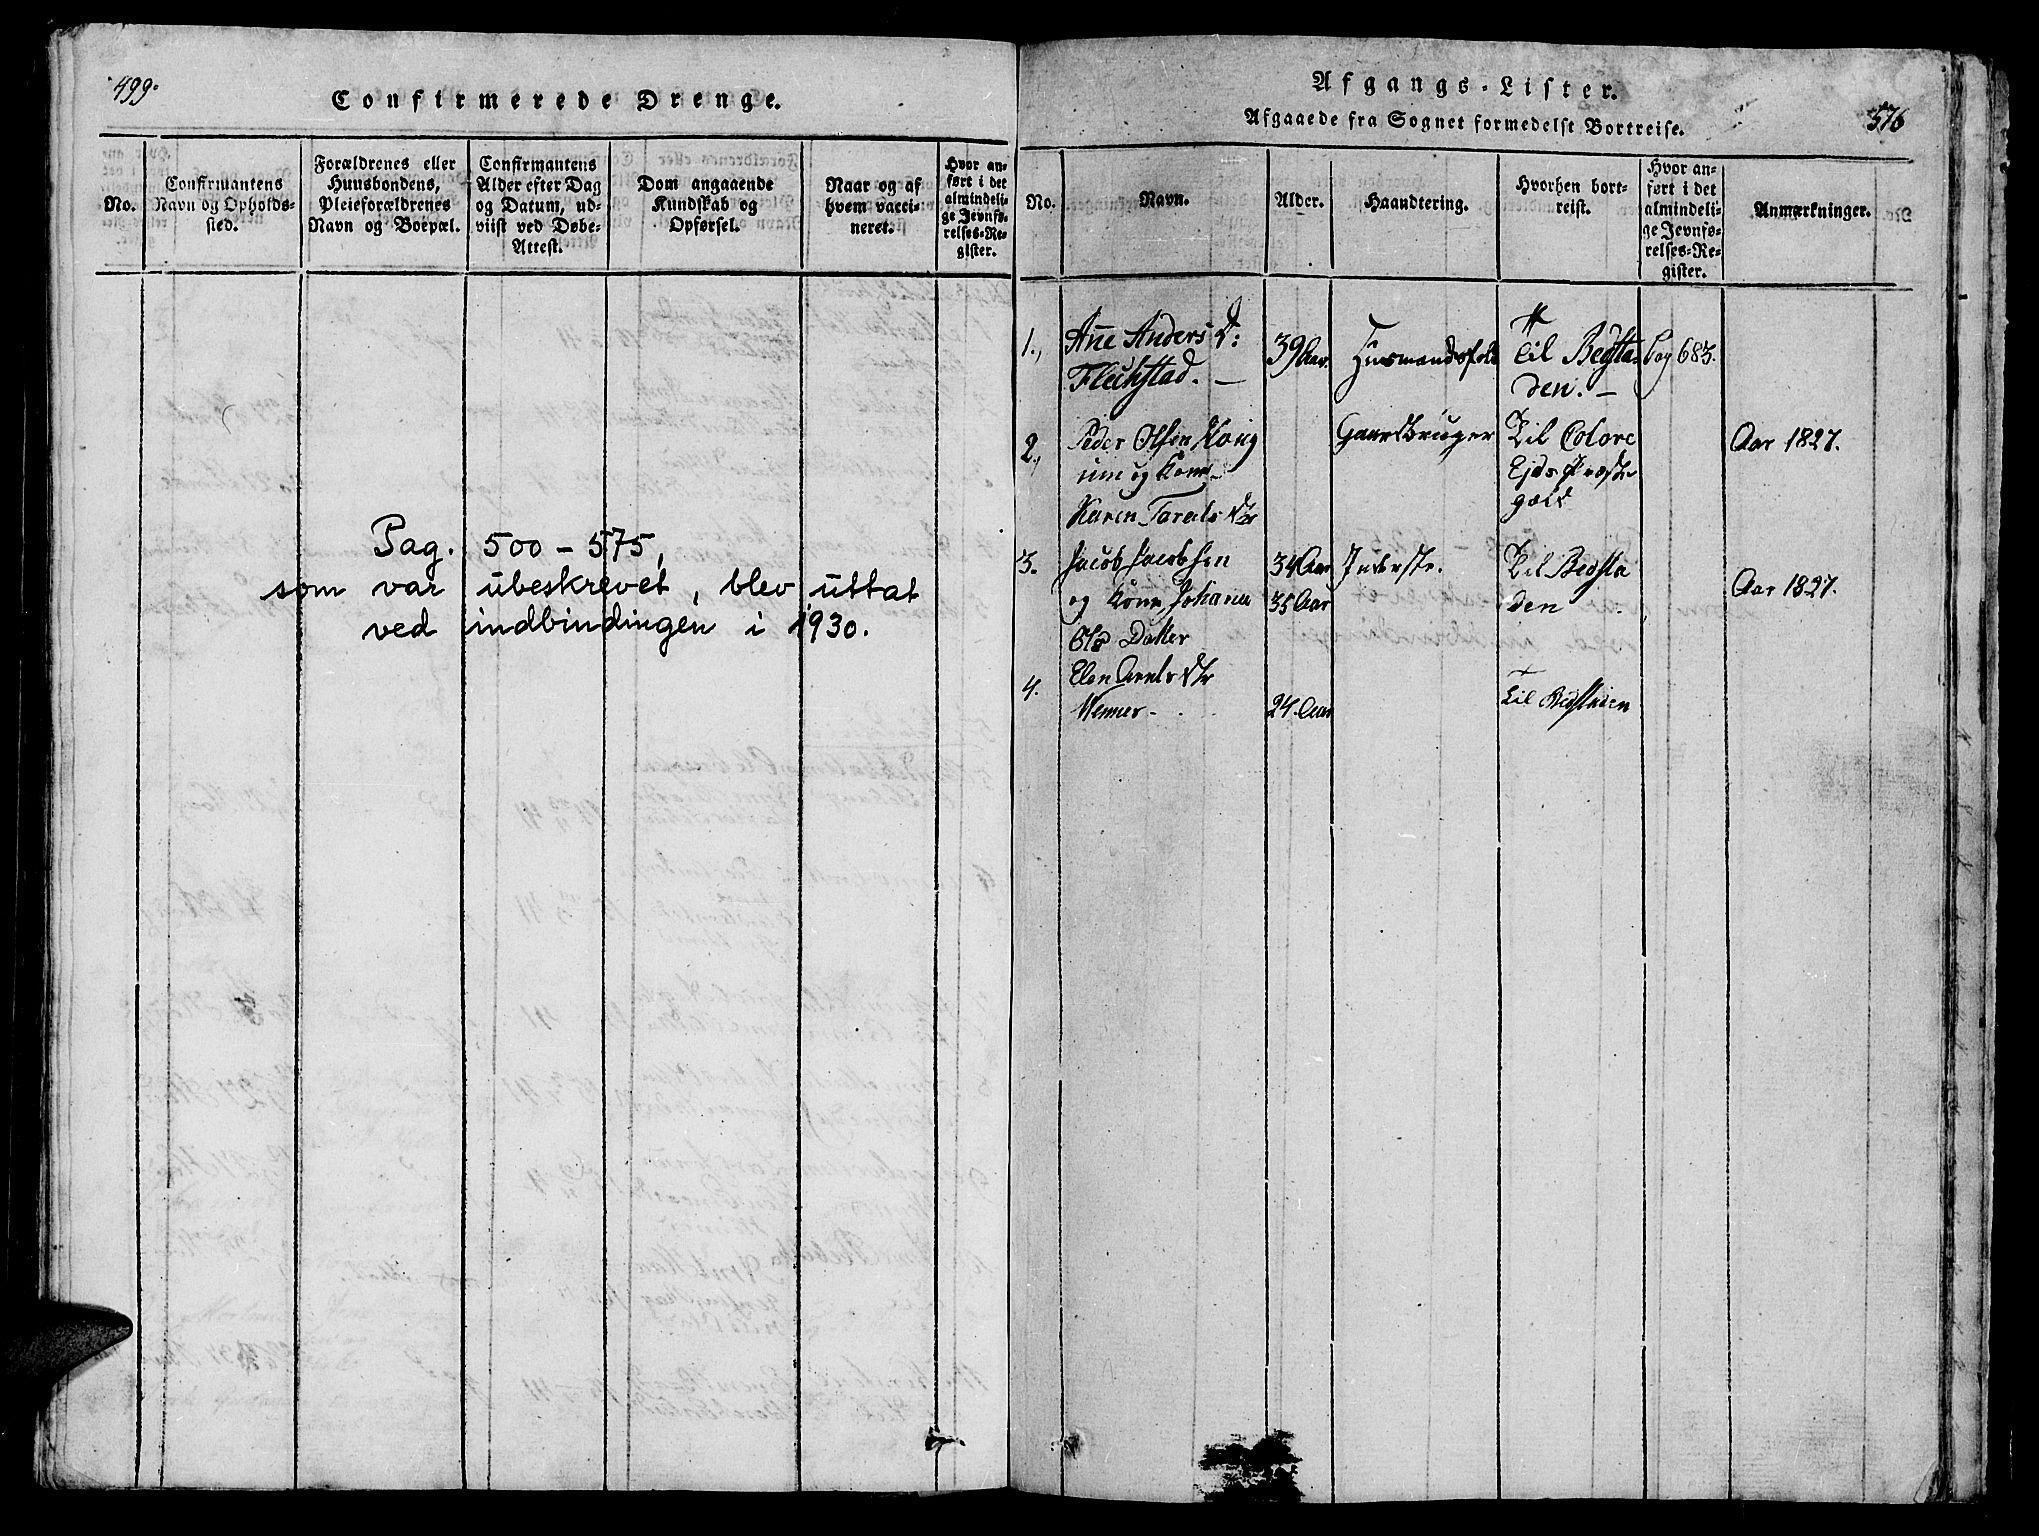 SAT, Ministerialprotokoller, klokkerbøker og fødselsregistre - Nord-Trøndelag, 747/L0459: Klokkerbok nr. 747C01, 1816-1842, s. 499-576